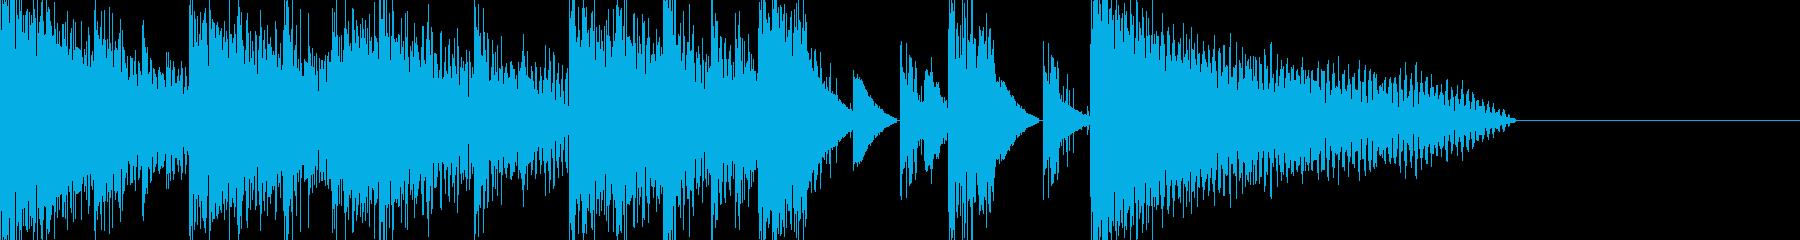 硬いピアノのちょっと怪しいキャッチの再生済みの波形